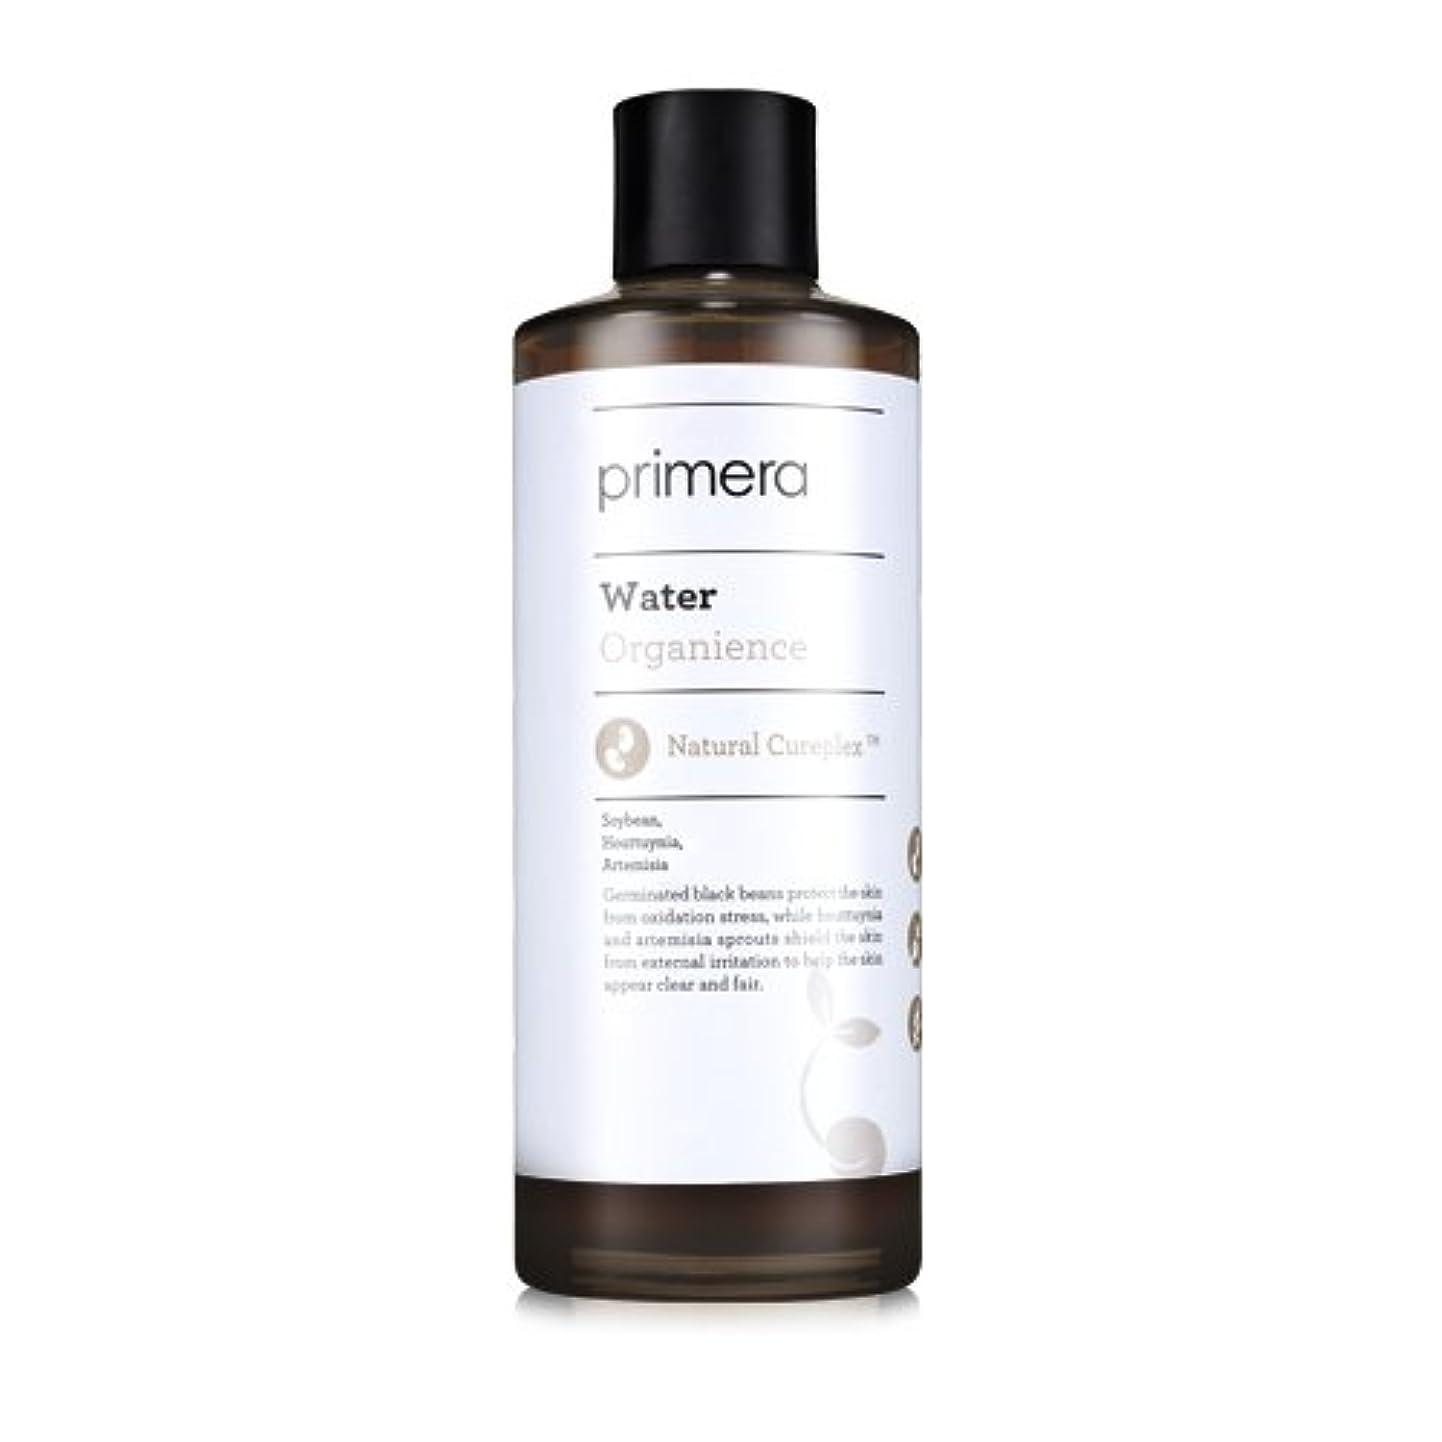 管理する窓ラショナルPRIMERA プリメラ オーガニエンス エマルジョン(Organience Emulsion)乳液 150ml